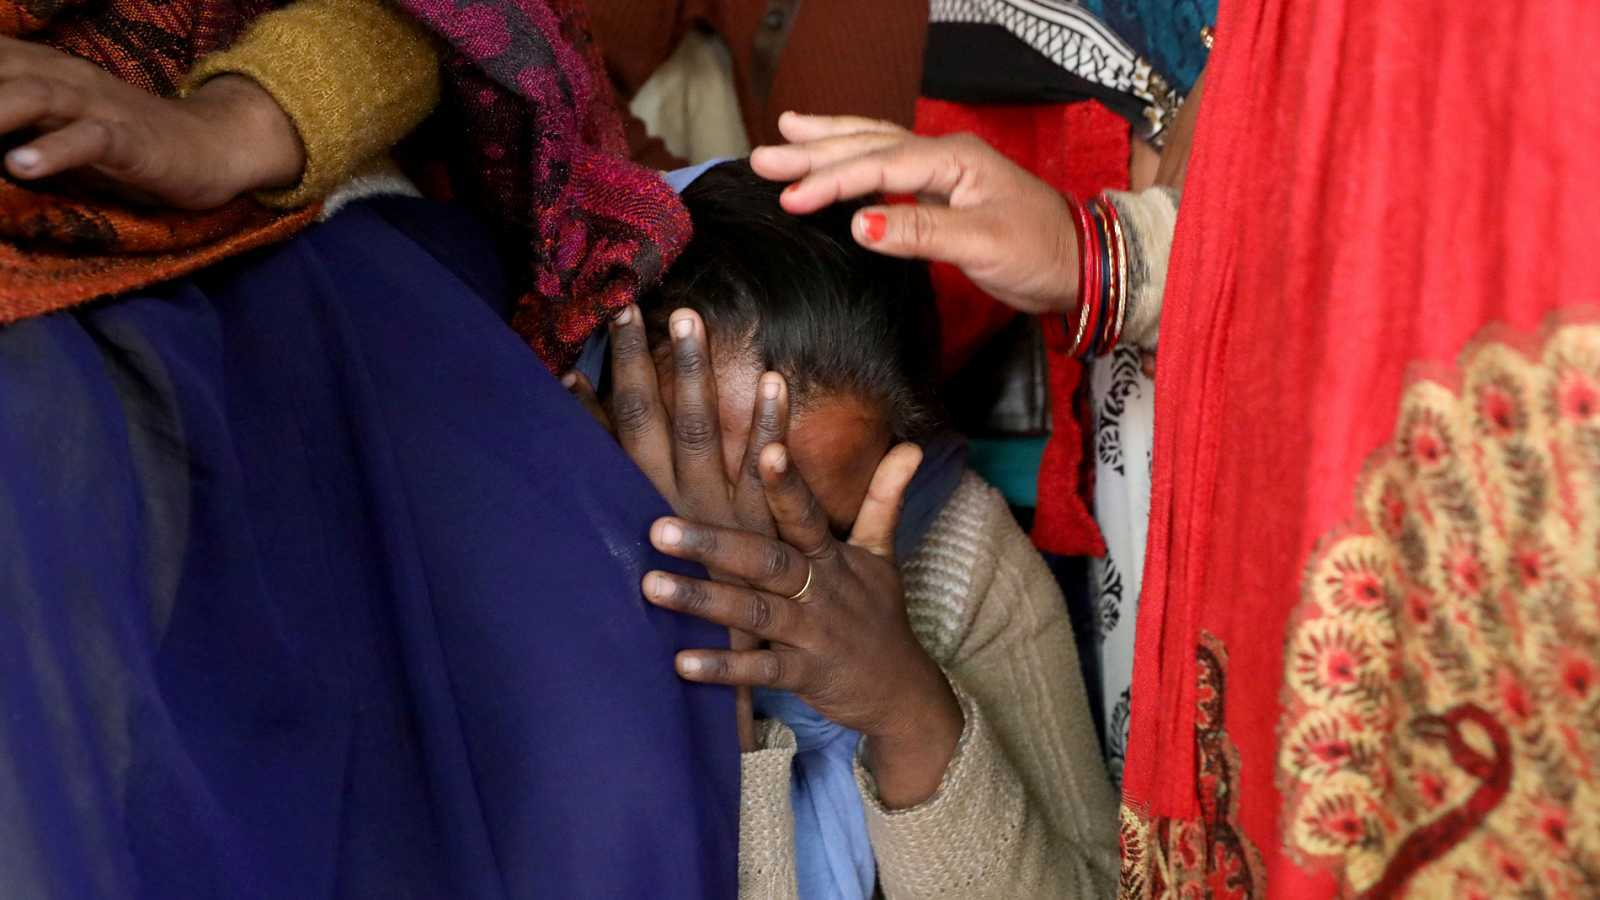 Víctima de violación muere al ser quemada cuando iba a testificar